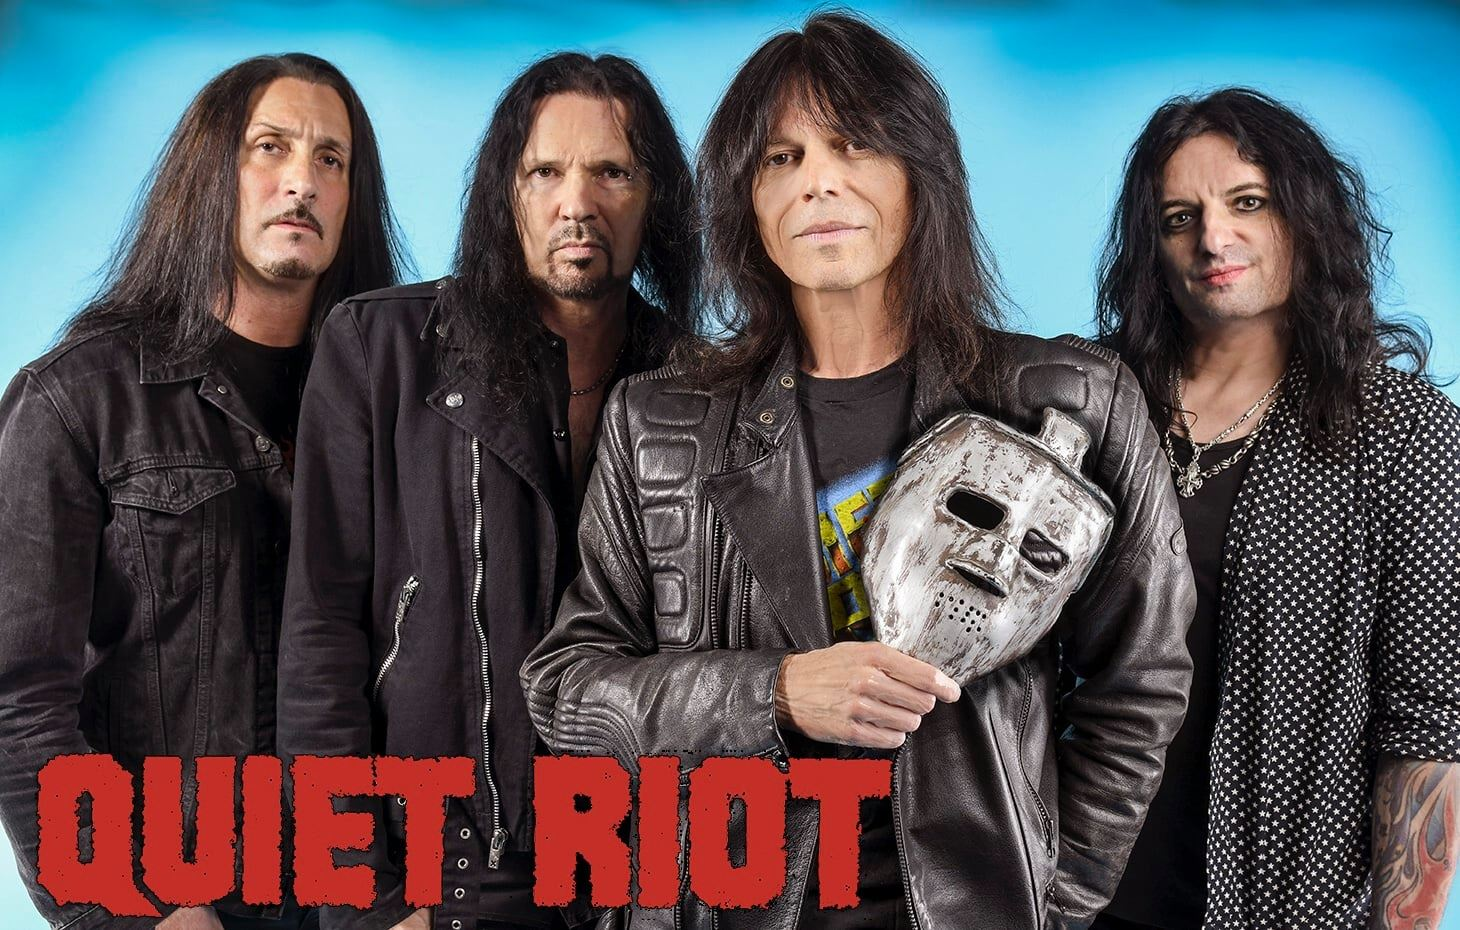 quiet riot 2021 pic 1